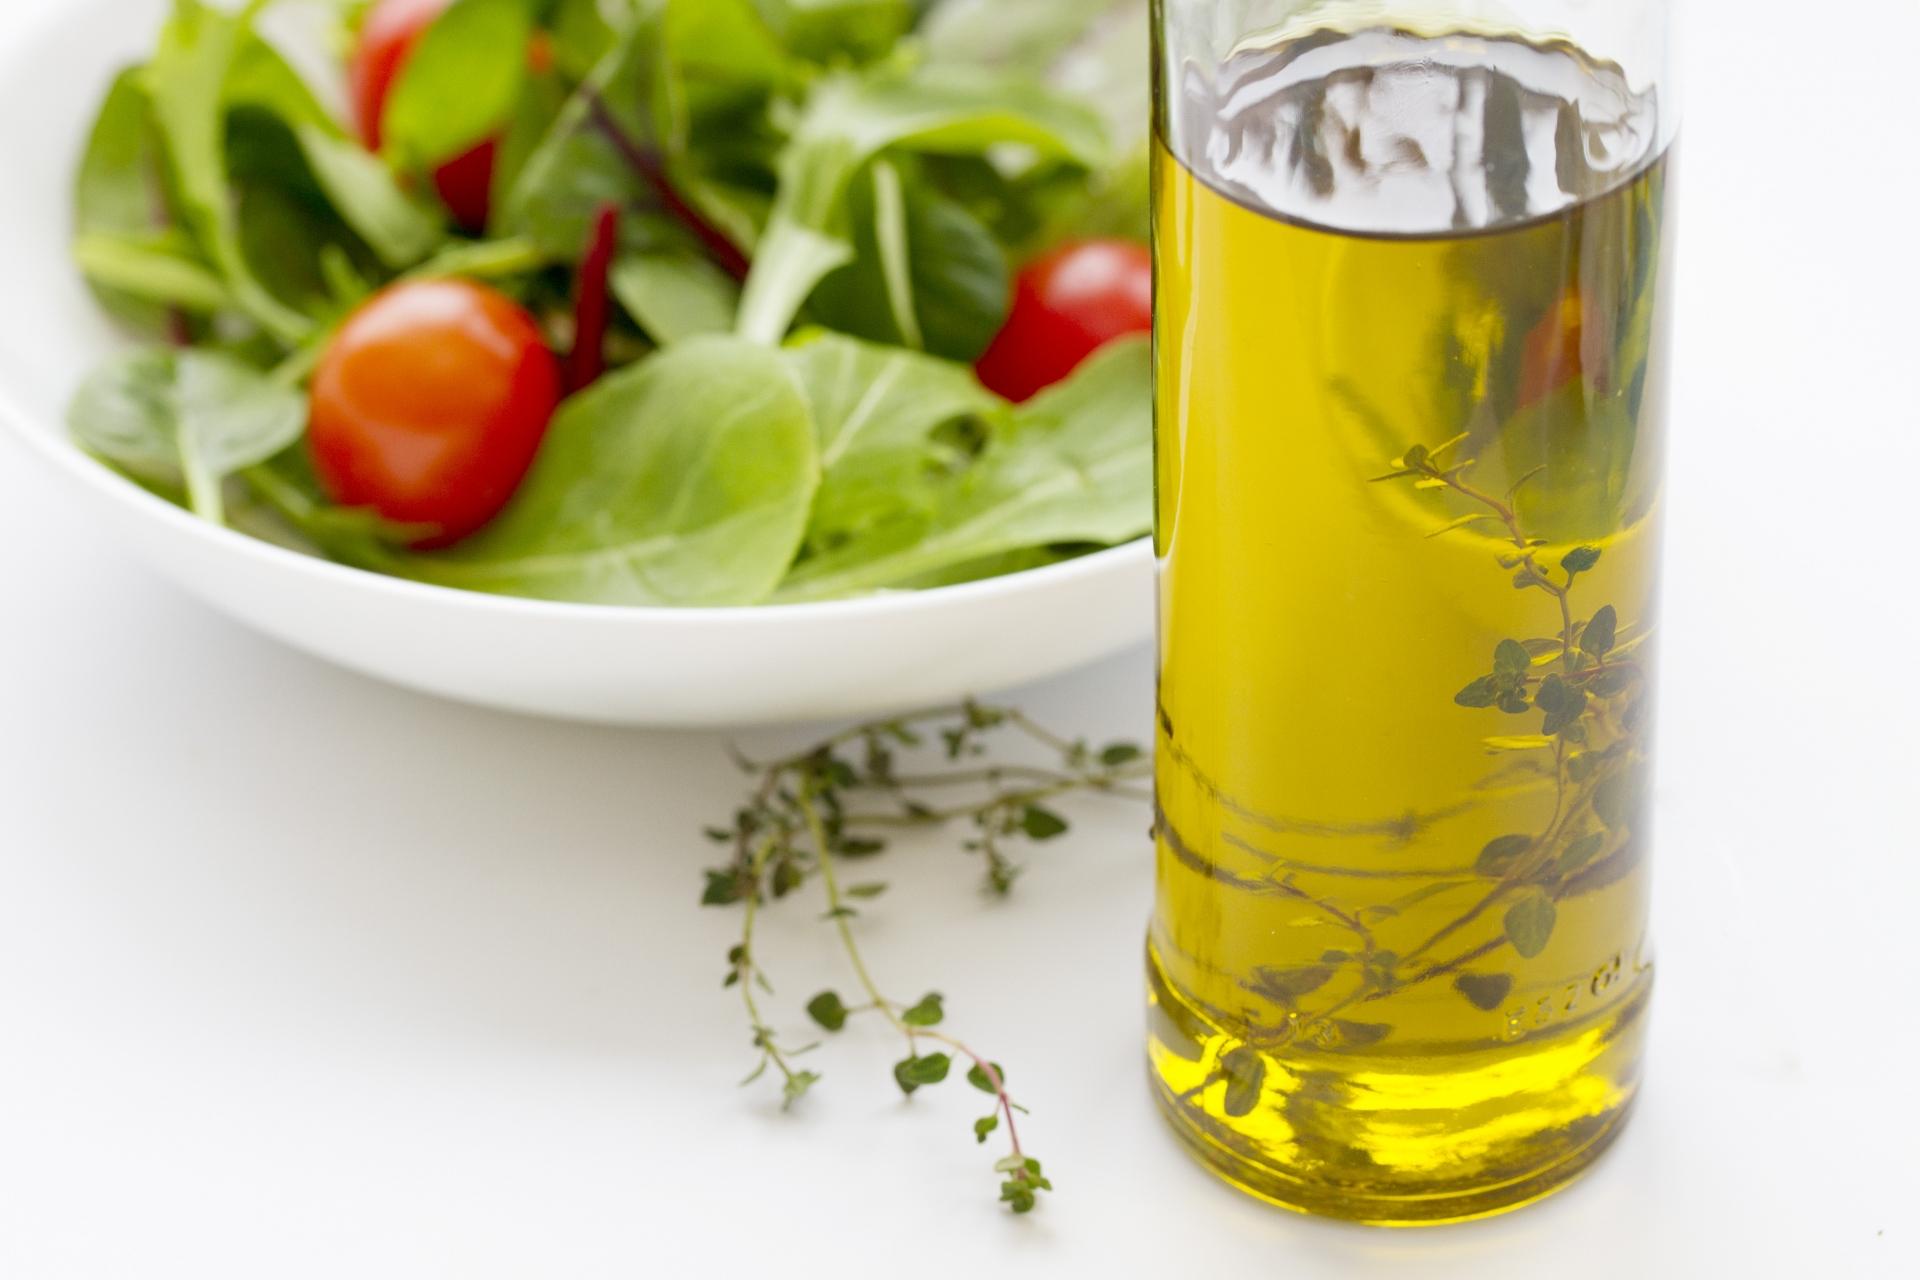 ダイエットにも!レモン汁ドレッシングで食べる簡単サラダ!